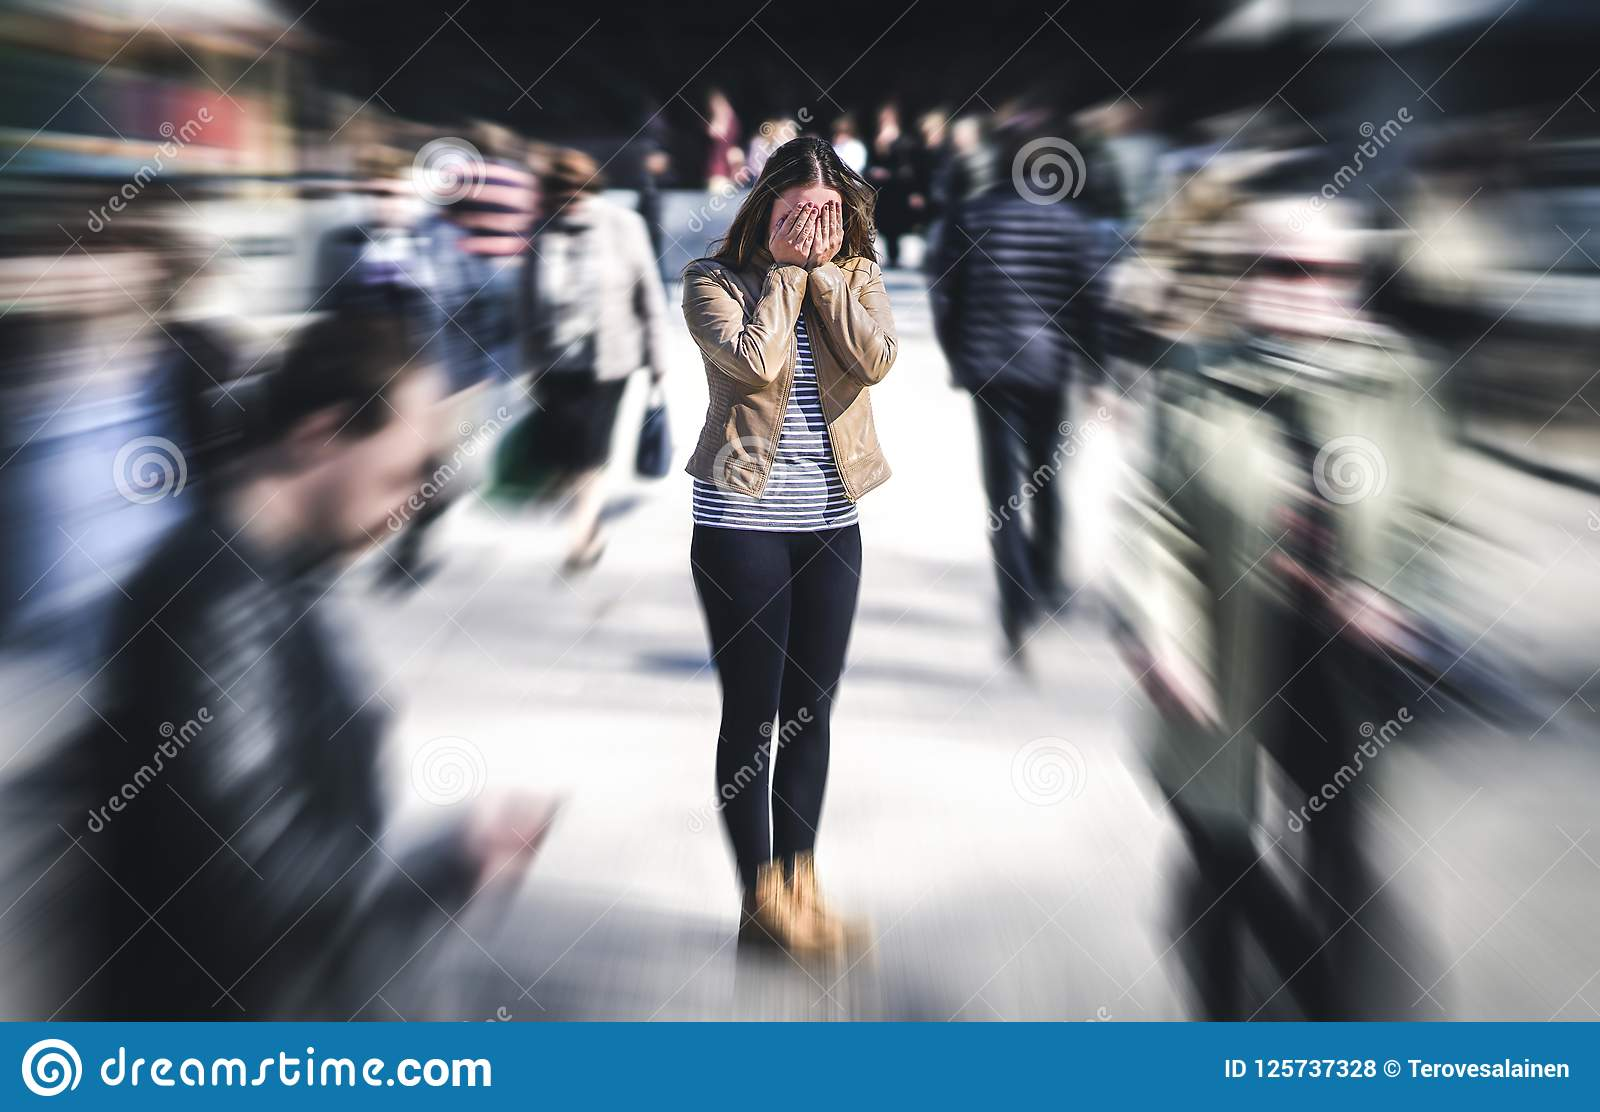 Platz der Panikattacke öffentlich Frau, die Panikstörung hat